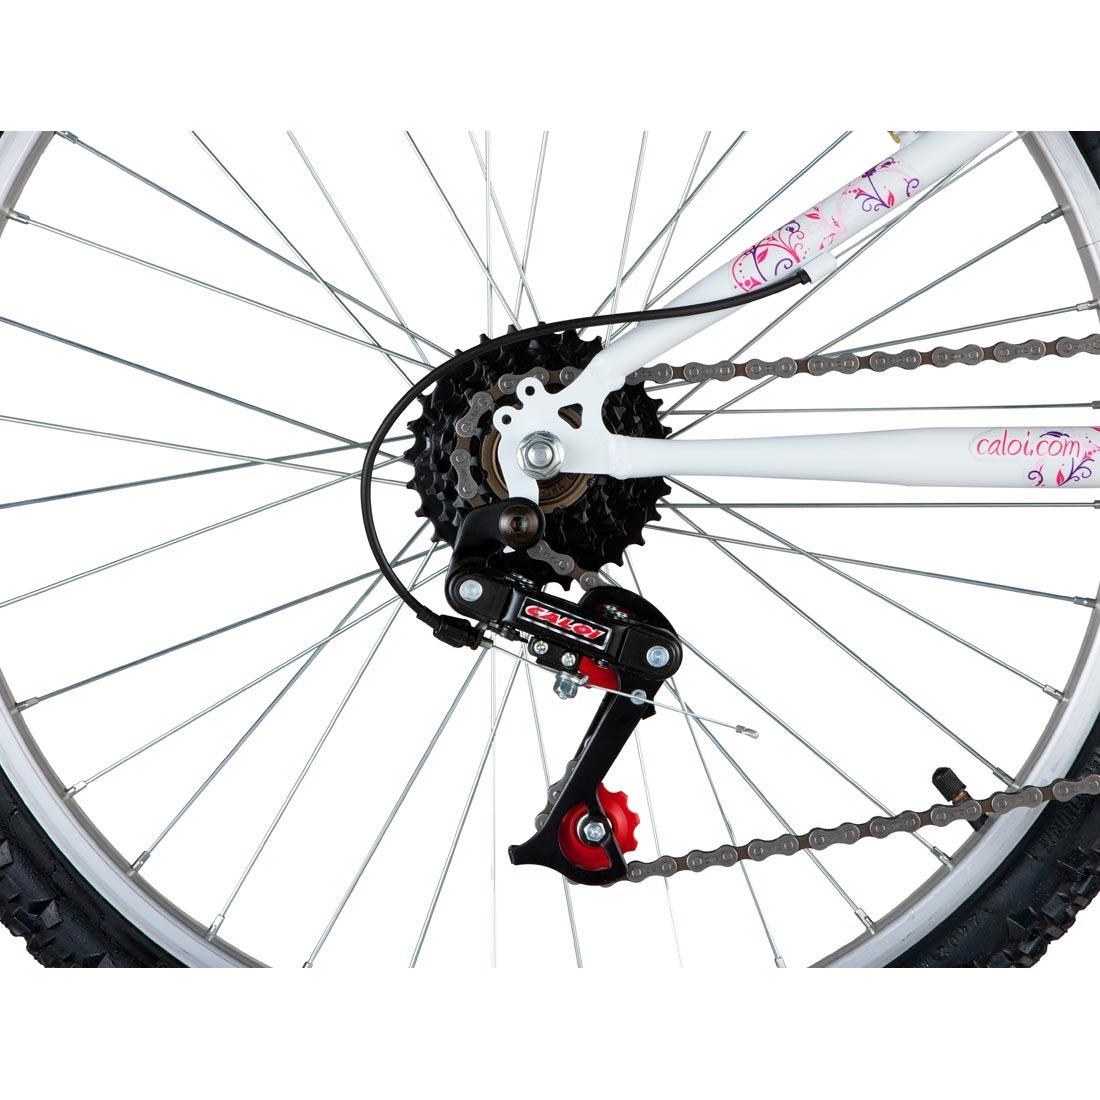 bicicleta max aro 24 freios v-brake 21 marchas - caloi. Carregando zoom. 8f3829f919c5a